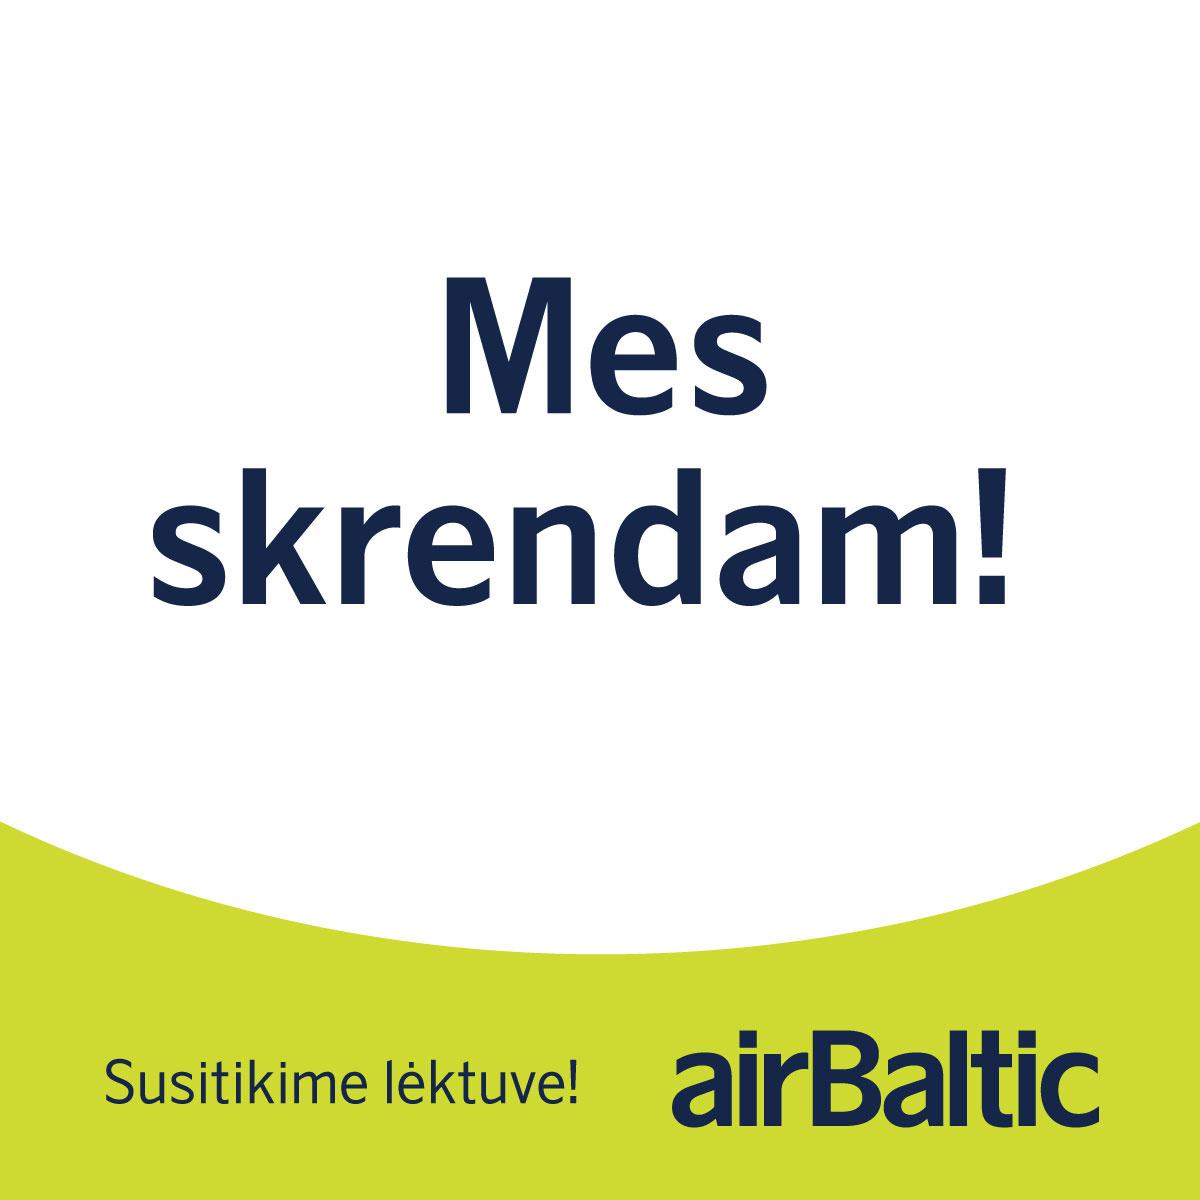 Peržiūrėk naują skrydžių tvarkaraštį! image